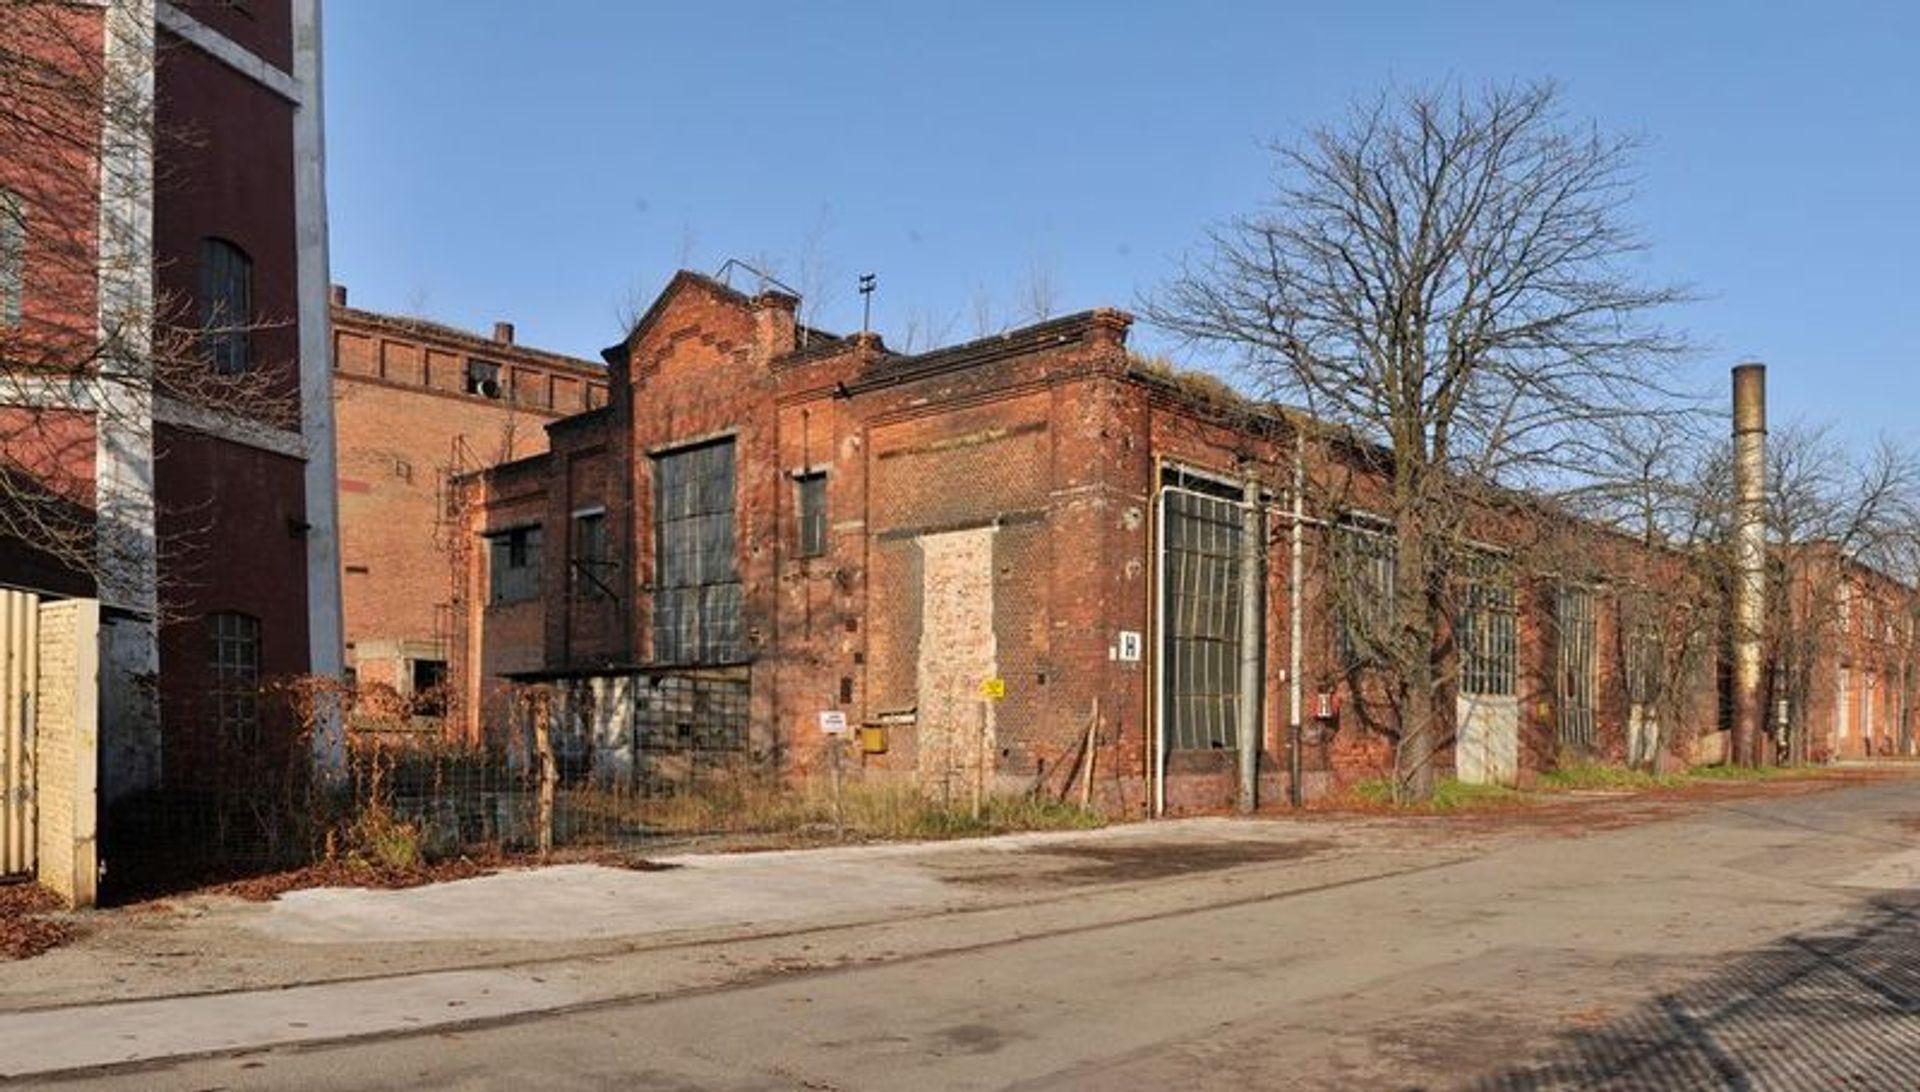 [Dolny Śląsk] Potrzeba większych pieniędzy na utrzymanie zabytków